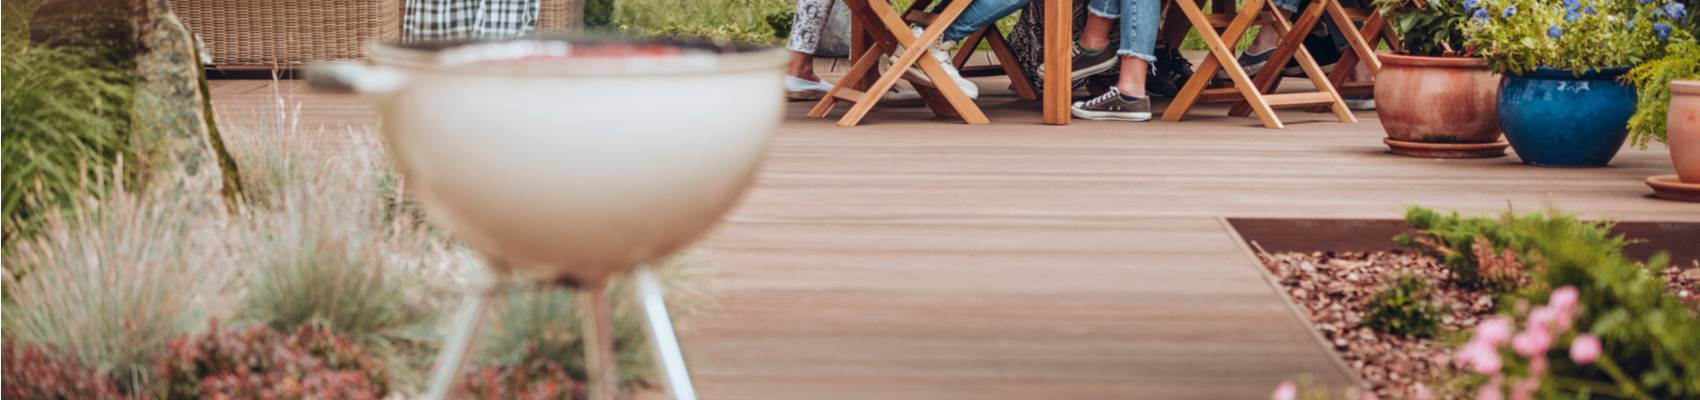 patios in abingdon